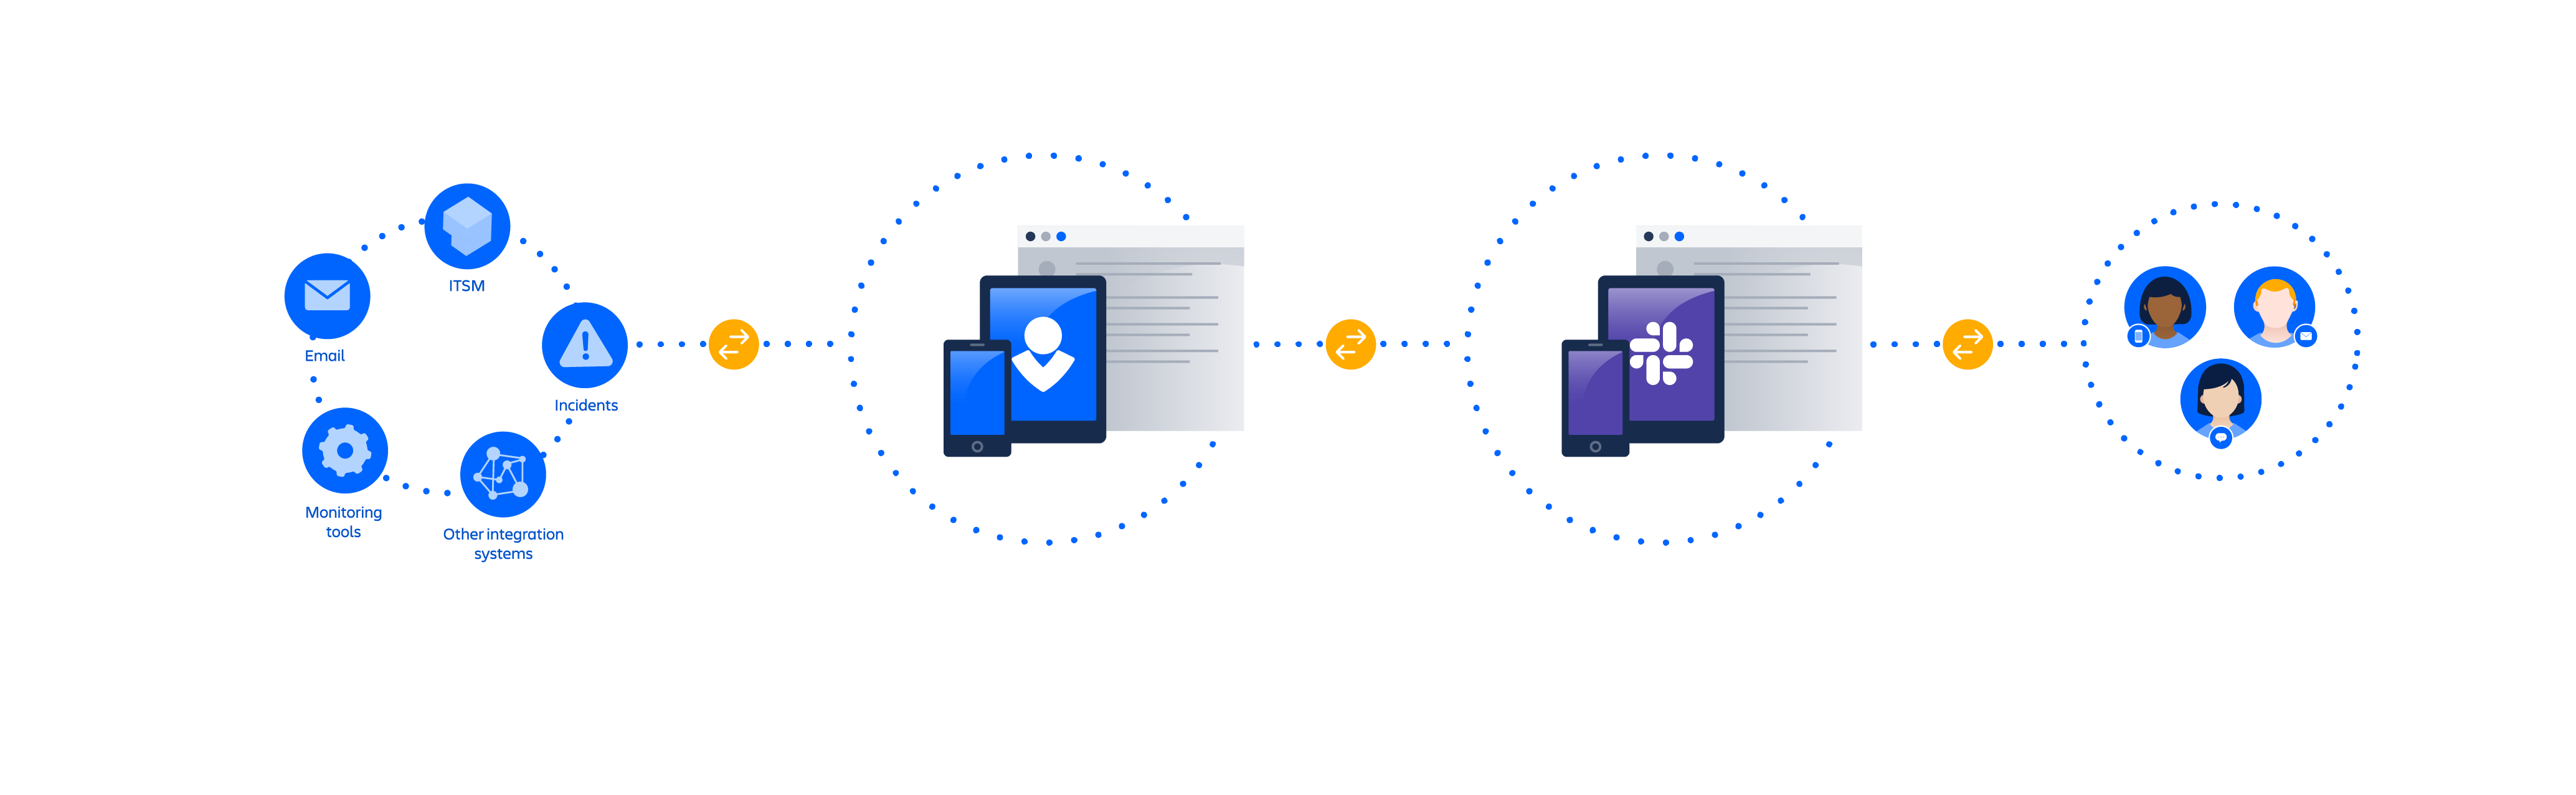 Slack 통합 다이어그램